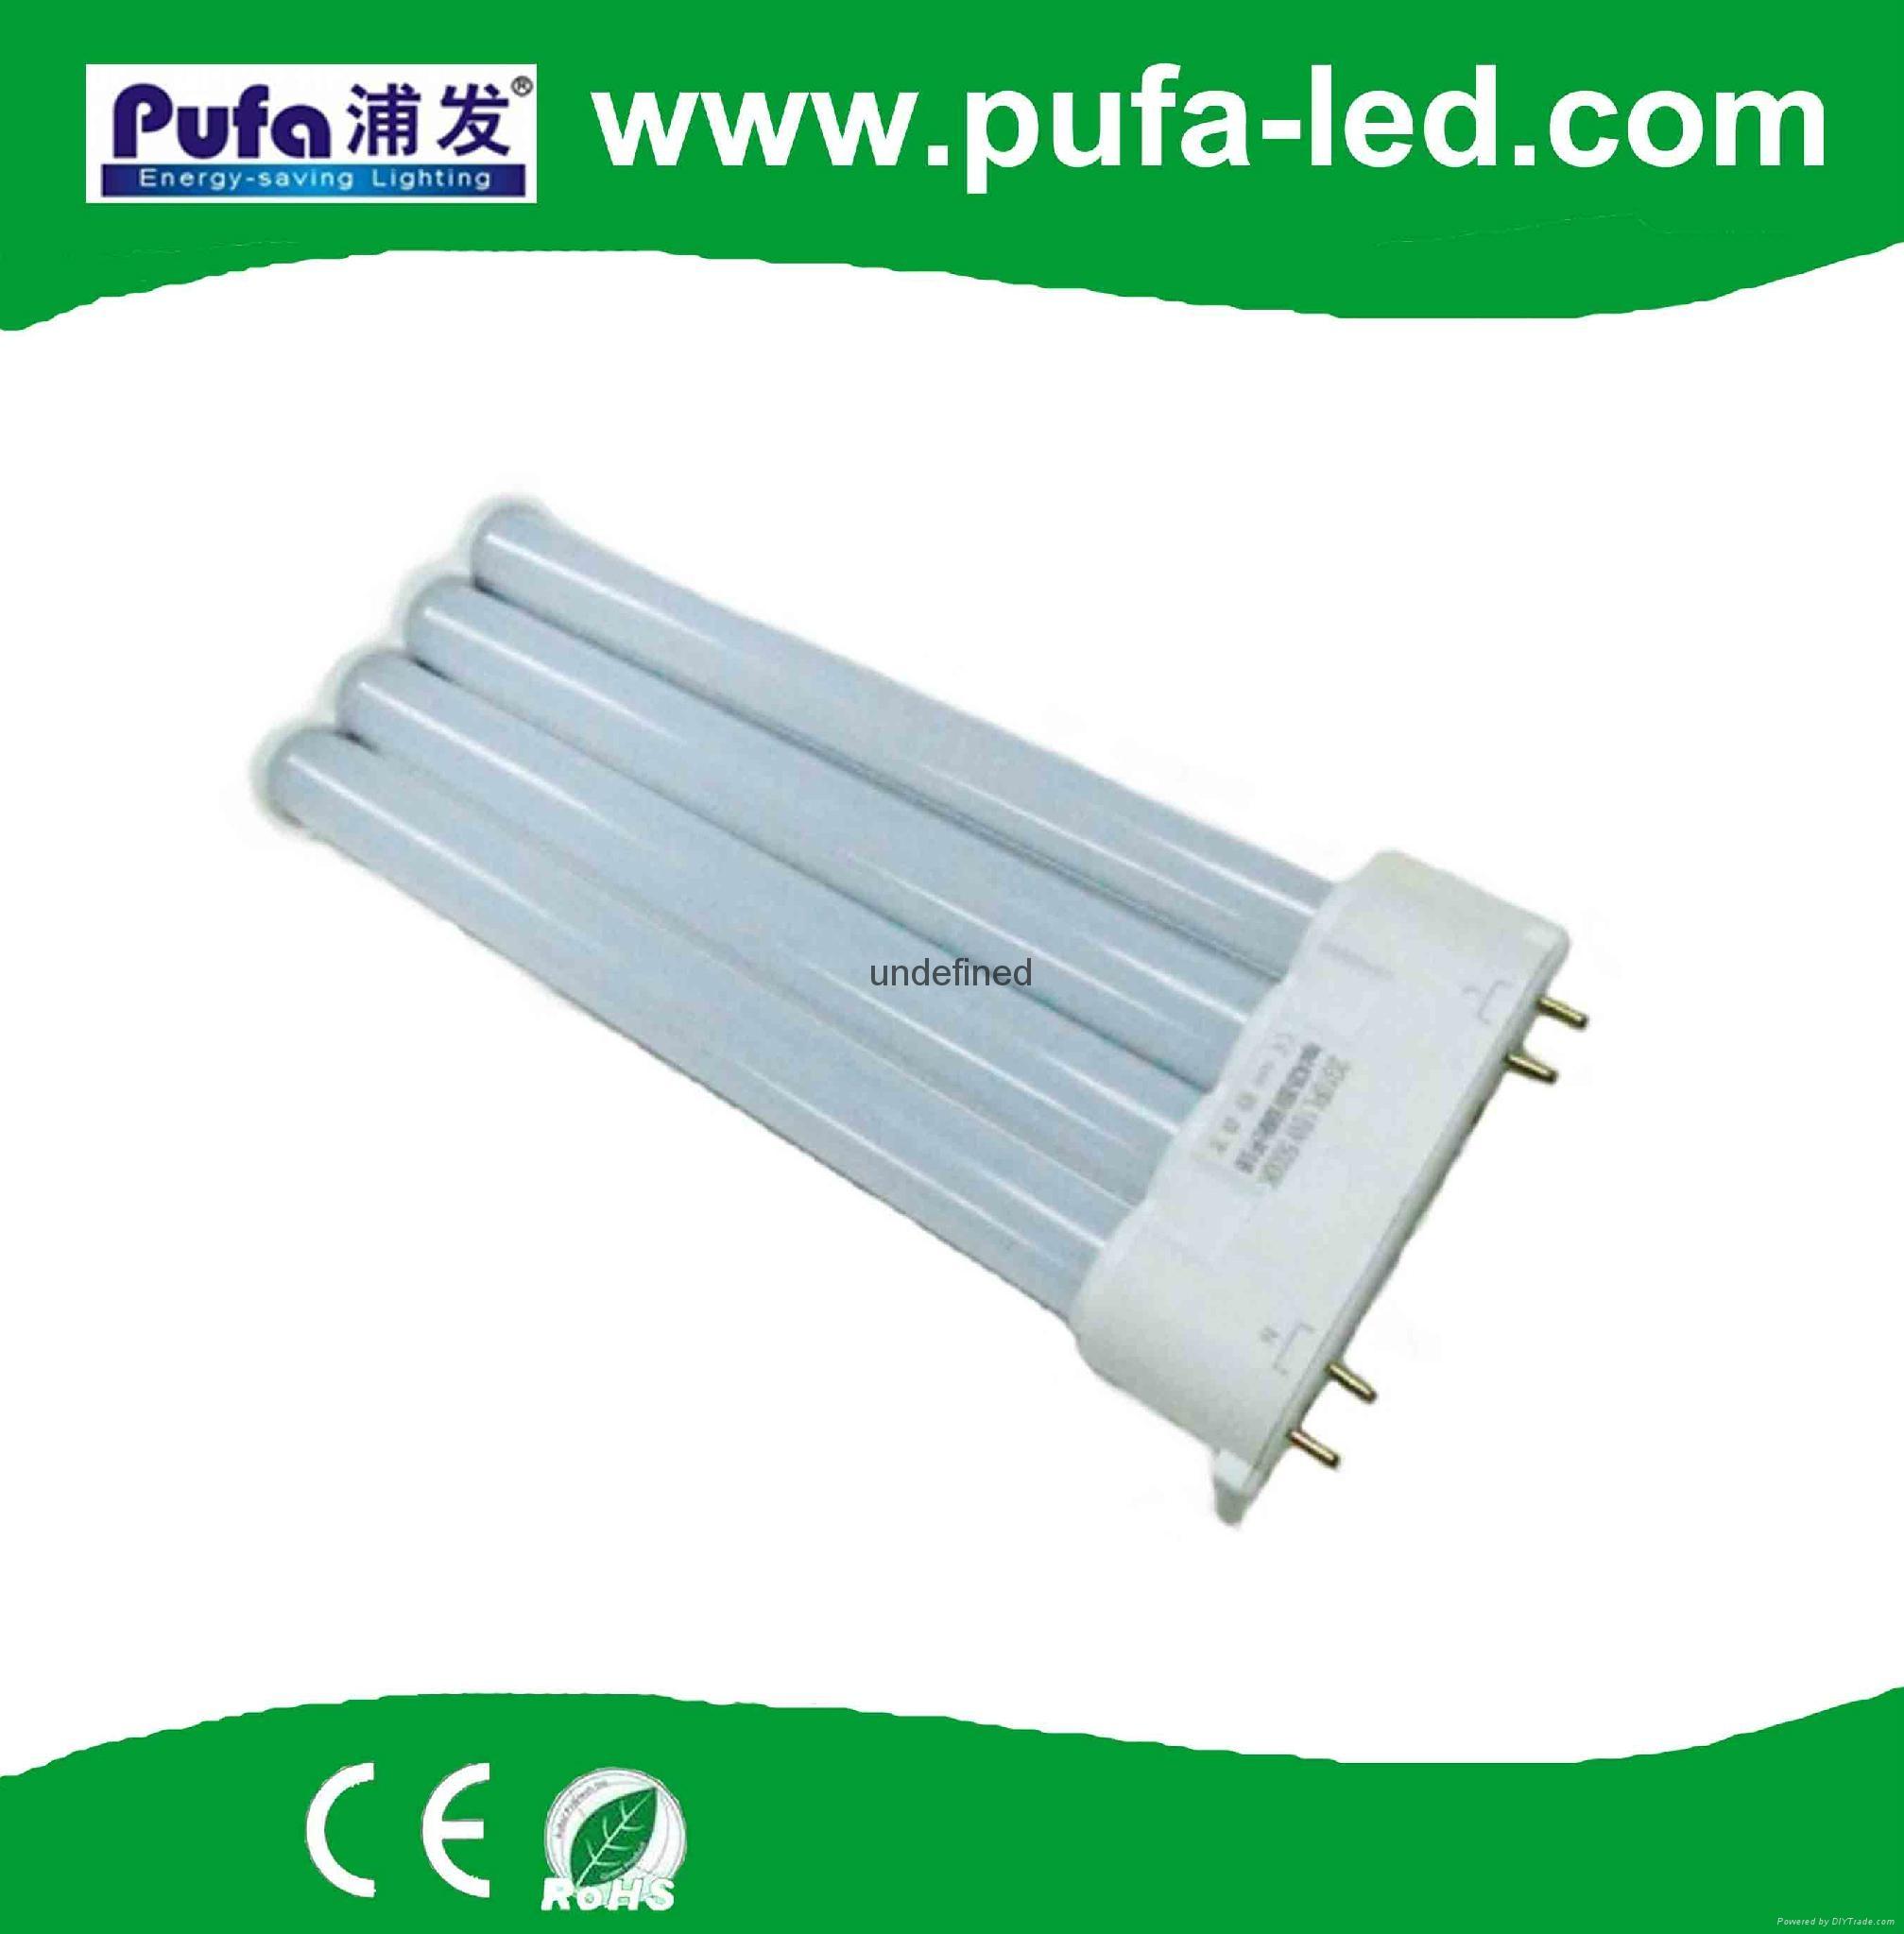 2G10 LED横插灯管 13W 1